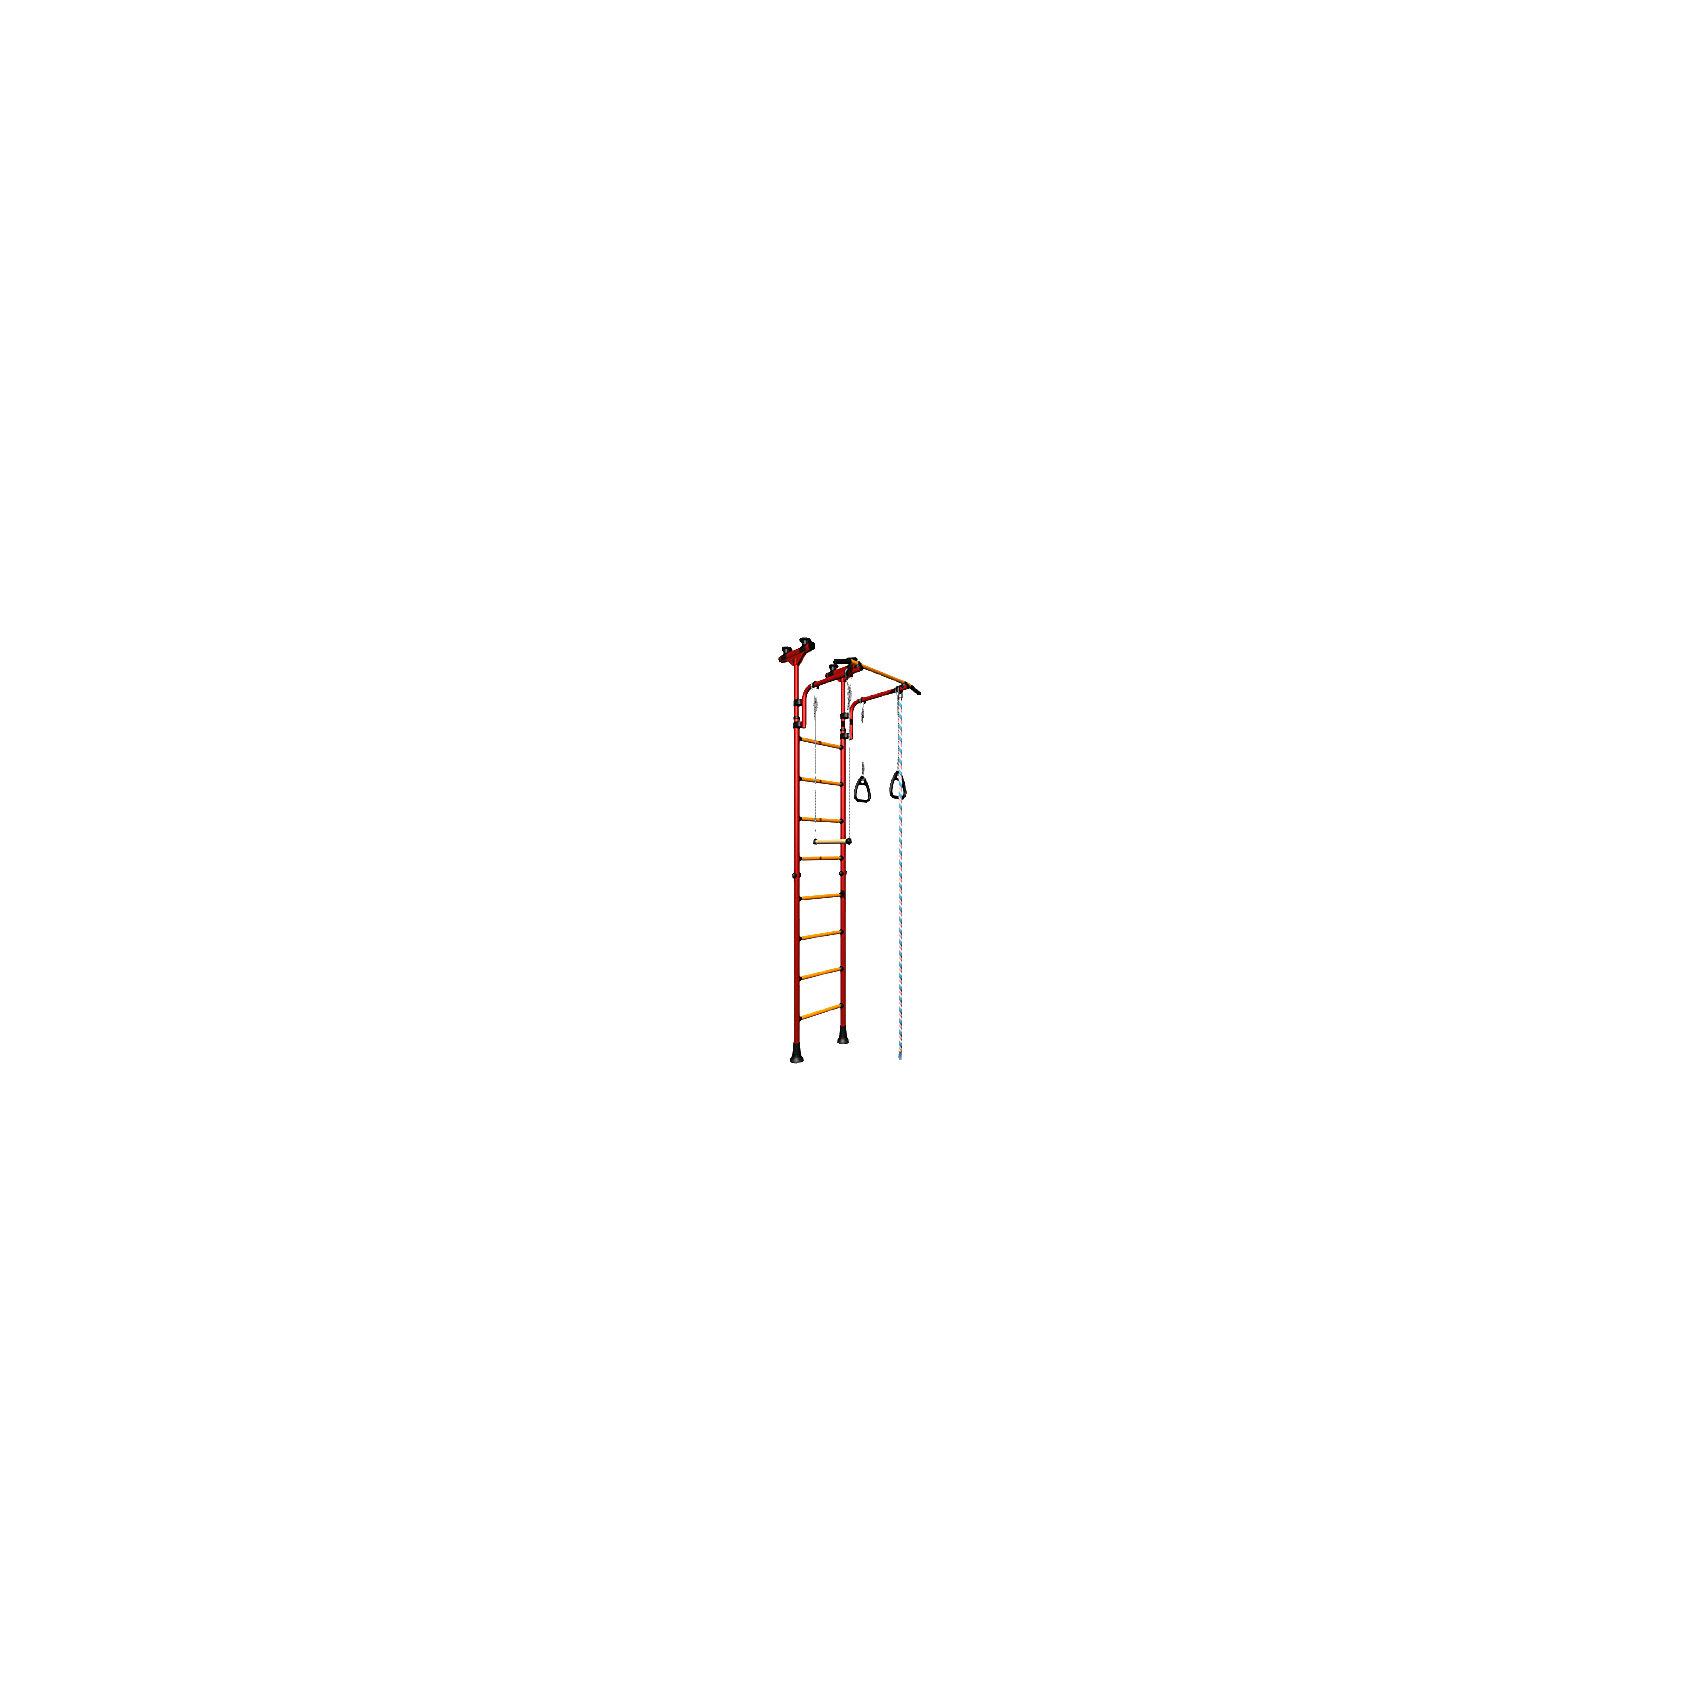 Шведская стенка Комета-5, ROMANA, красный-желтыйШведские стенки<br>Комета-5 , ROMANA, красный-желтый.<br><br>Характеристики:<br><br>• Высота: 2,315 м<br>• Цвет: красный, желтый<br>• Допустимый вес: 100 кг<br>• Габариты: 231,5x74x86<br>• Материал: металл<br>• Возраст: от 3 лет<br>• Вес комплекса: 28 кг<br><br>Детский спортивный комплекс Комета-5– поможет ребенку вырасти здоровым и крепким. Комплекс включает в себя турник, шведскую стенку, канат, трапецию и гимнастические кольца. Это все способствует развитию всех групп мышц. Выполнено все из качественного и прочного металла. Стенку легко установить враспор между потолком и полом, и не нужно сверлить стену. Турник регулируется по высоте. Перекладины с анти-скользящим покрытием, ступени не охлаждаются и имеют массажное покрытие.<br><br>Комета-5 , ROMANA, красный-желтый можно купить в нашем интернет-магазине.<br><br>Ширина мм: 1160<br>Глубина мм: 535<br>Высота мм: 140<br>Вес г: 25000<br>Возраст от месяцев: 36<br>Возраст до месяцев: 192<br>Пол: Унисекс<br>Возраст: Детский<br>SKU: 4993368